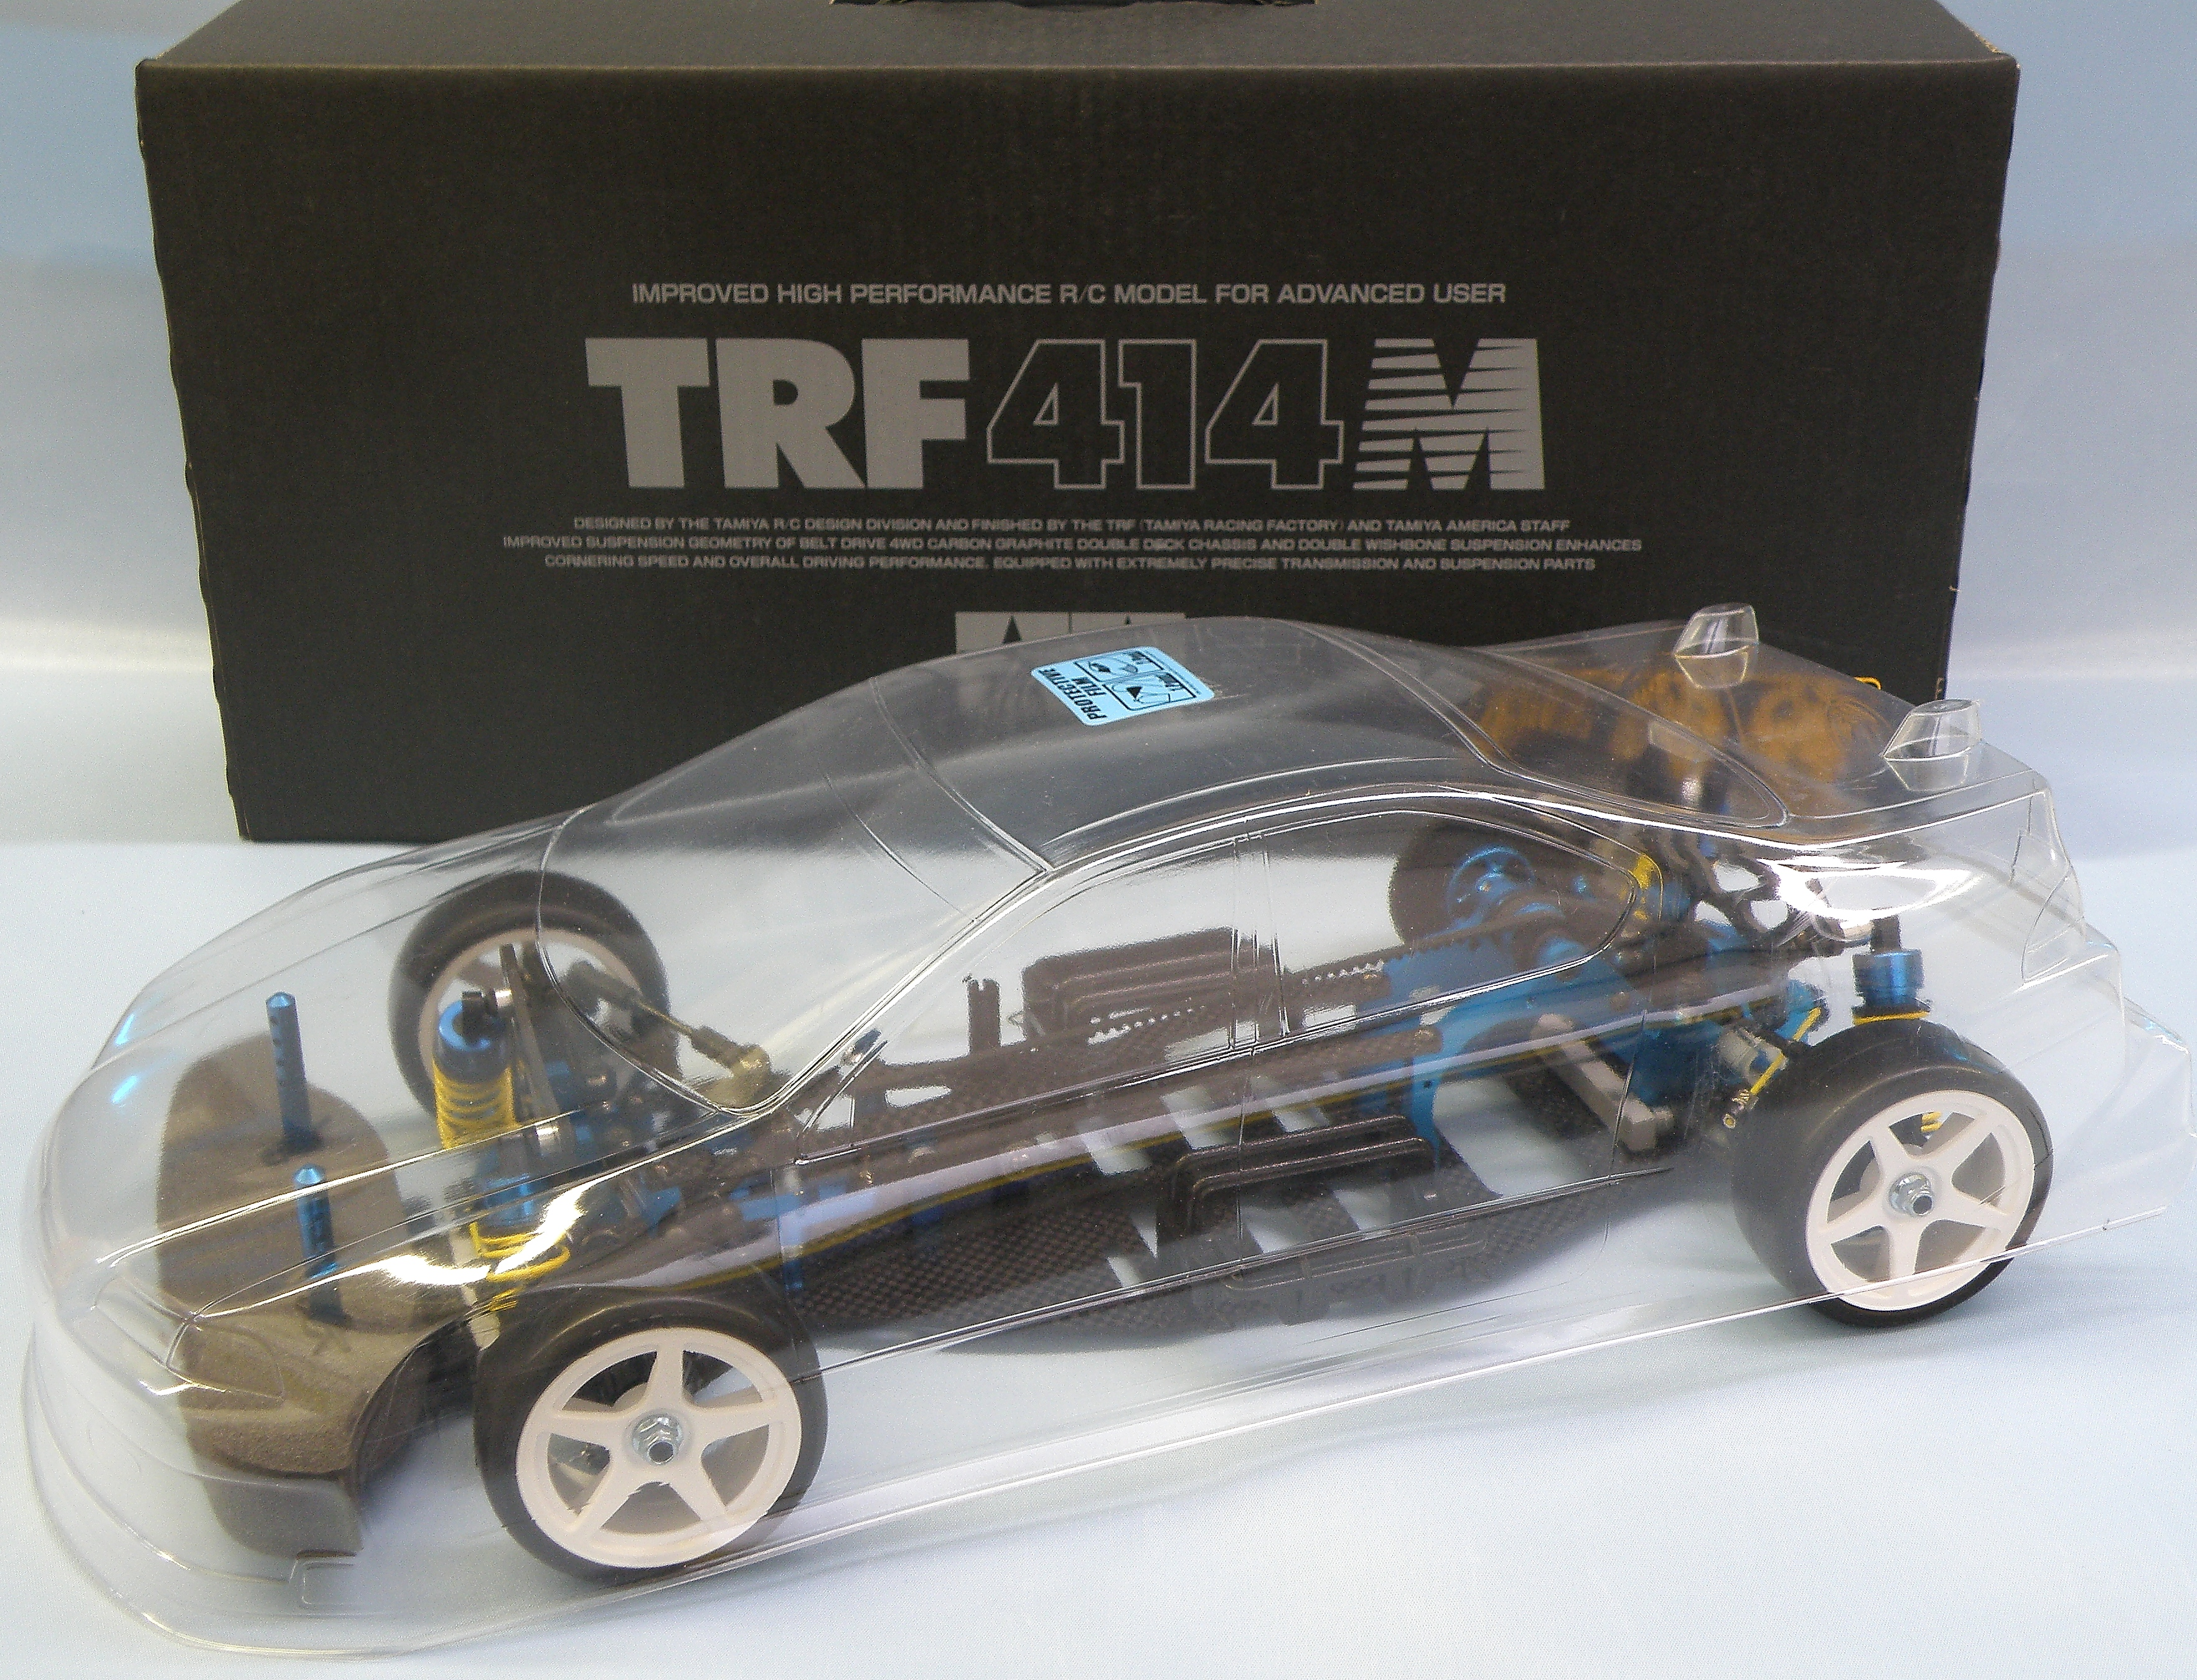 タミヤ ラジコン TRF414M Ⅱ